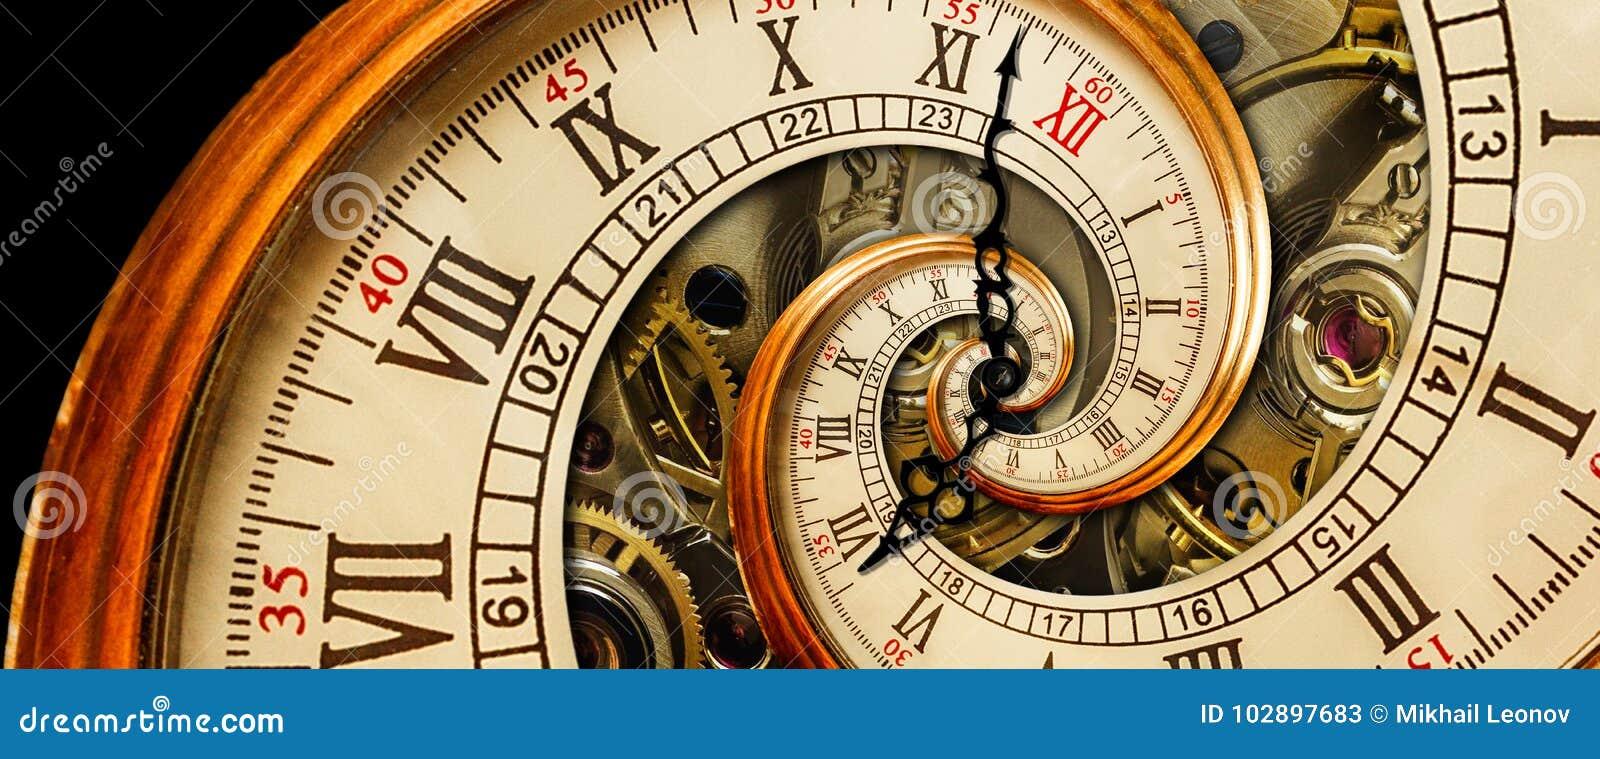 Vecchia spirale antica di frattale dell estratto dell orologio Guardi il fondo astratto insolito del modello di frattale di strut